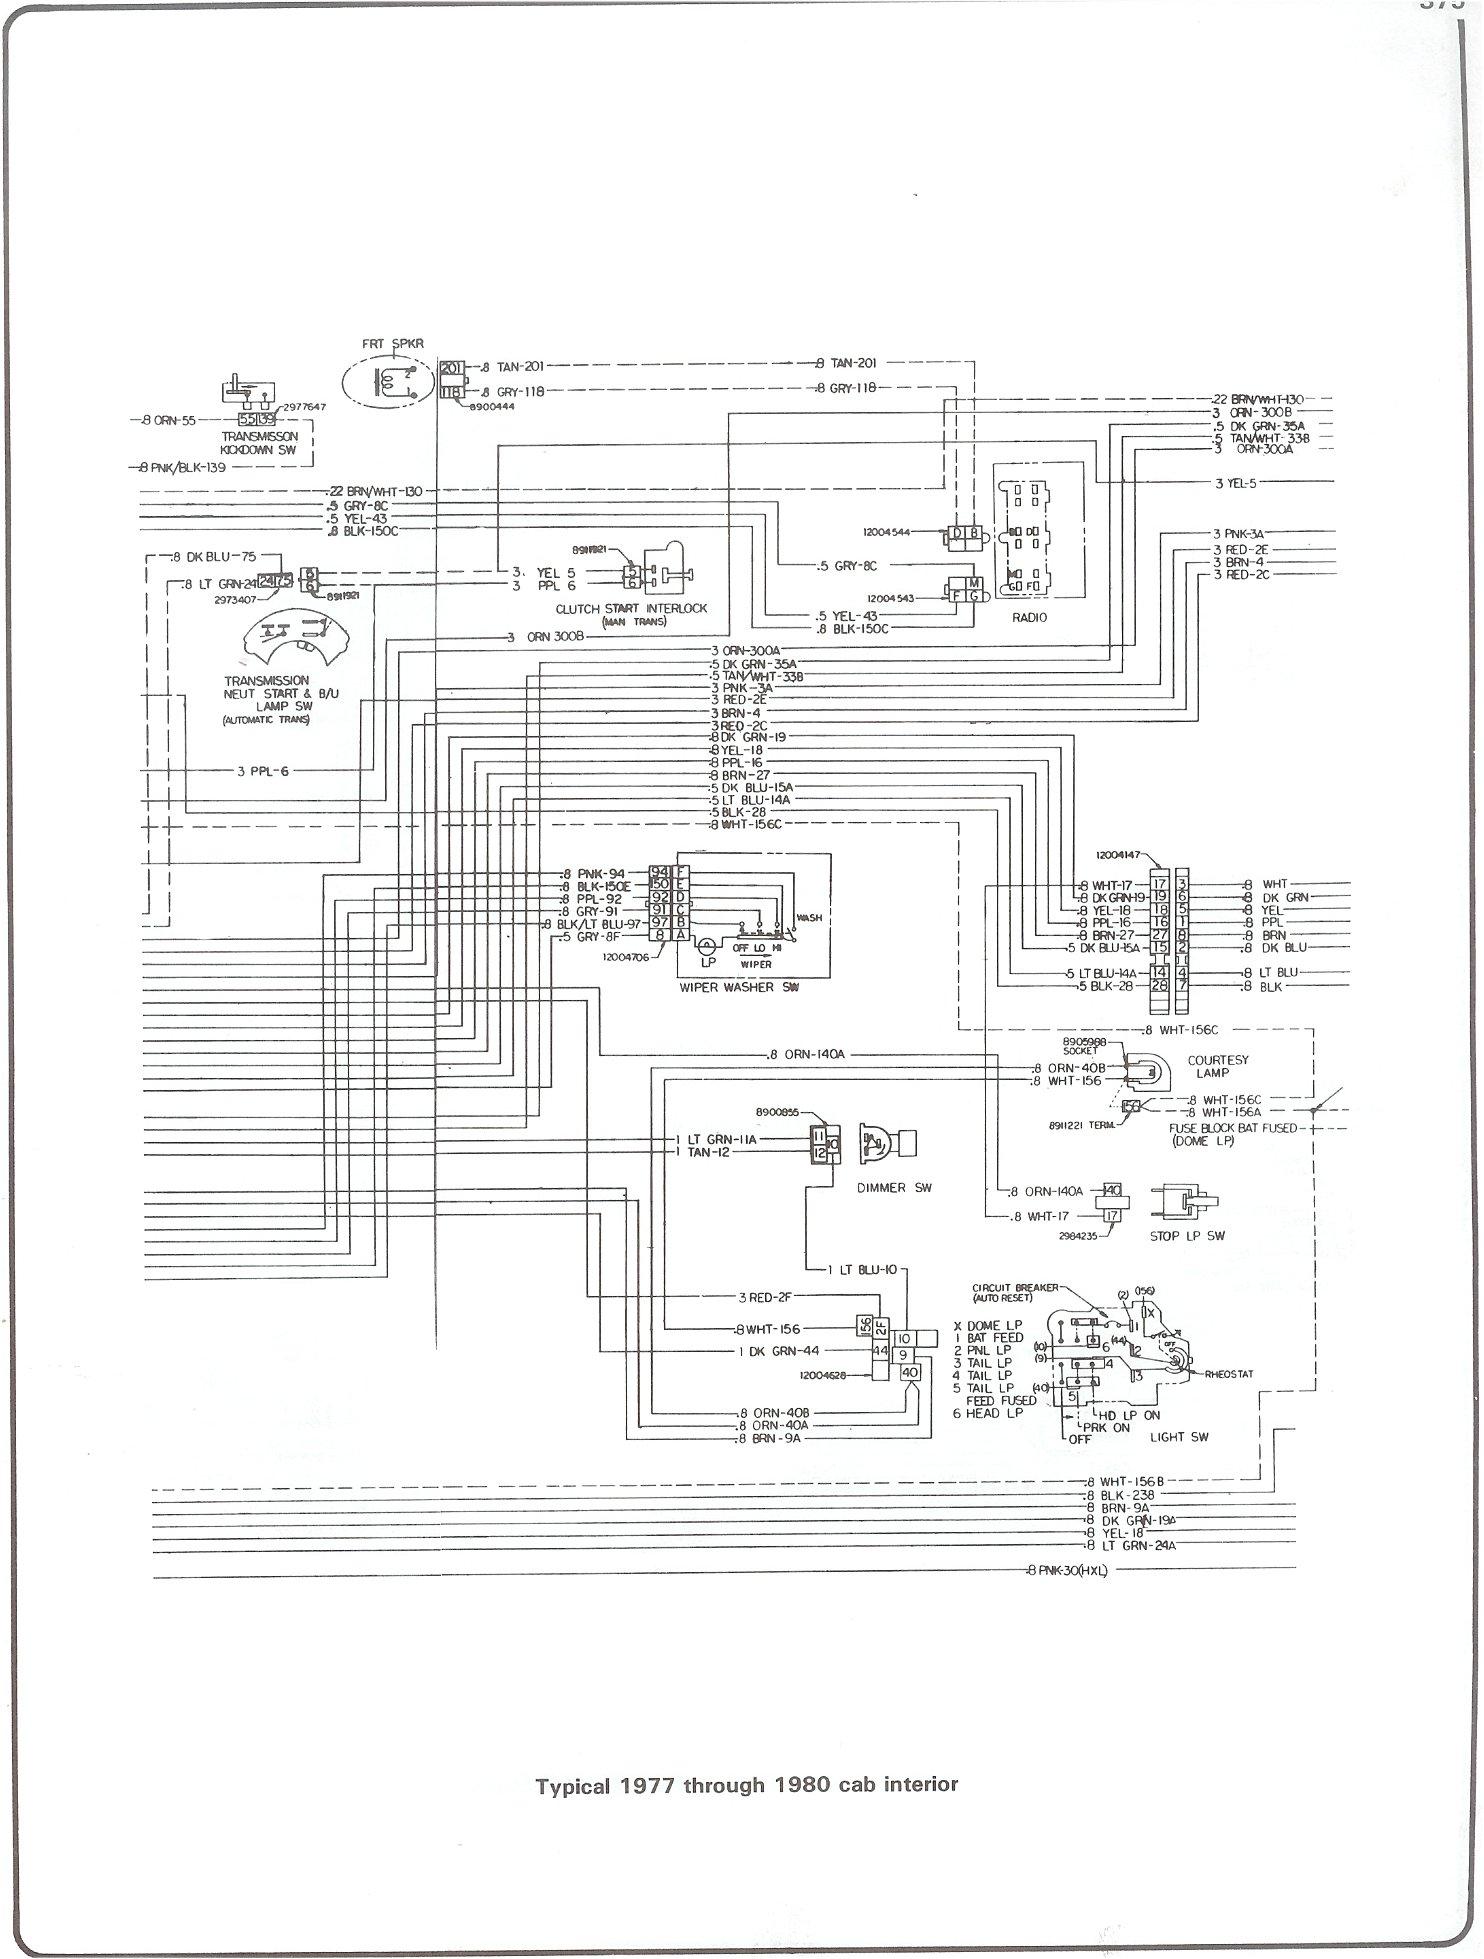 95 chevy s10 fuse box diagram 95 camaro fuse box diagram